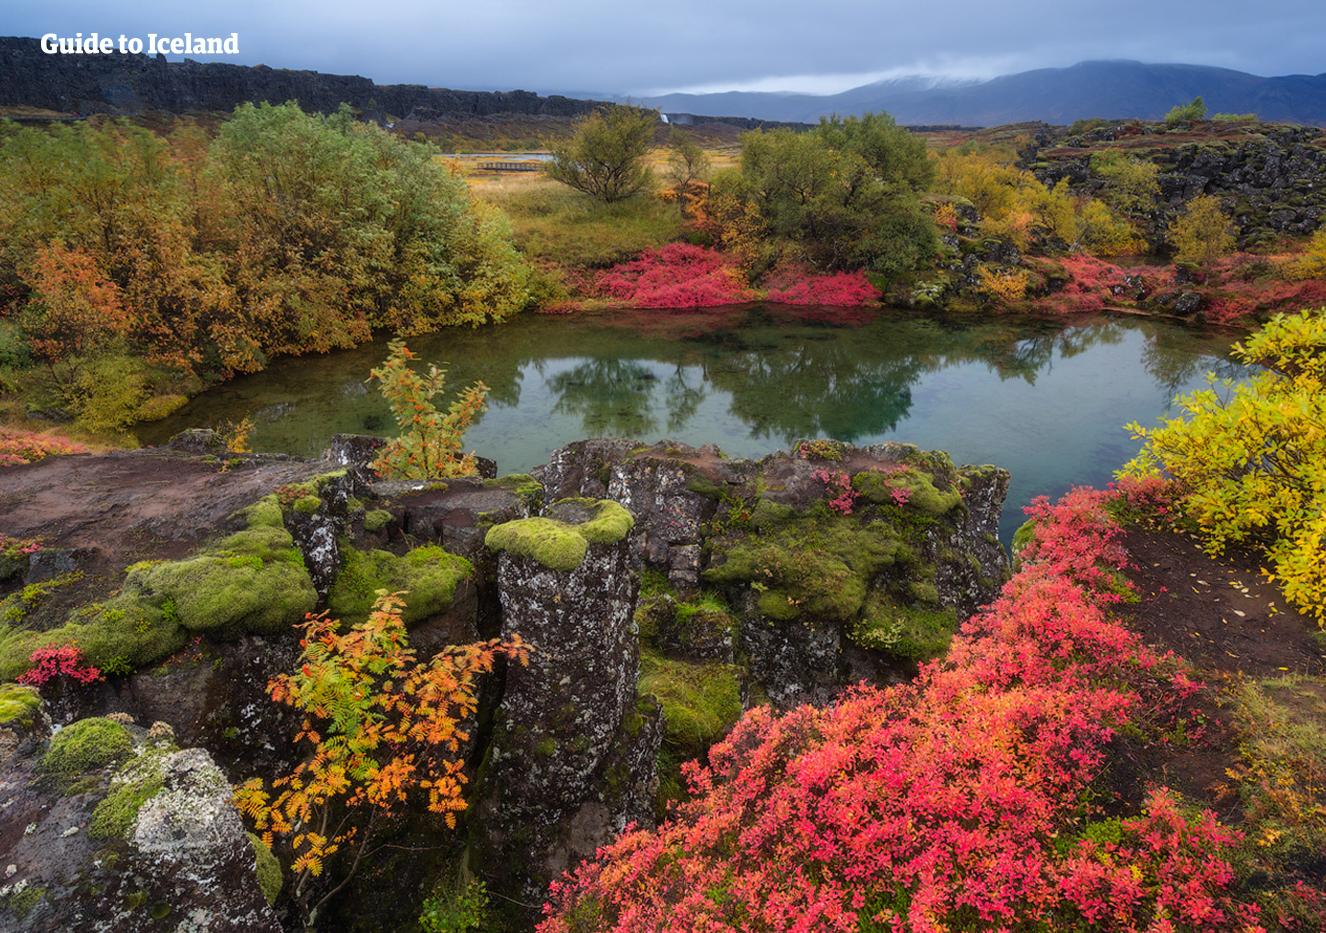 อุทยานแห่งชาติธิงเวลลีร์บนวงกลมทองคำปกคลุมด้วยสีแดง เหลือง และเขียวสวยงาม